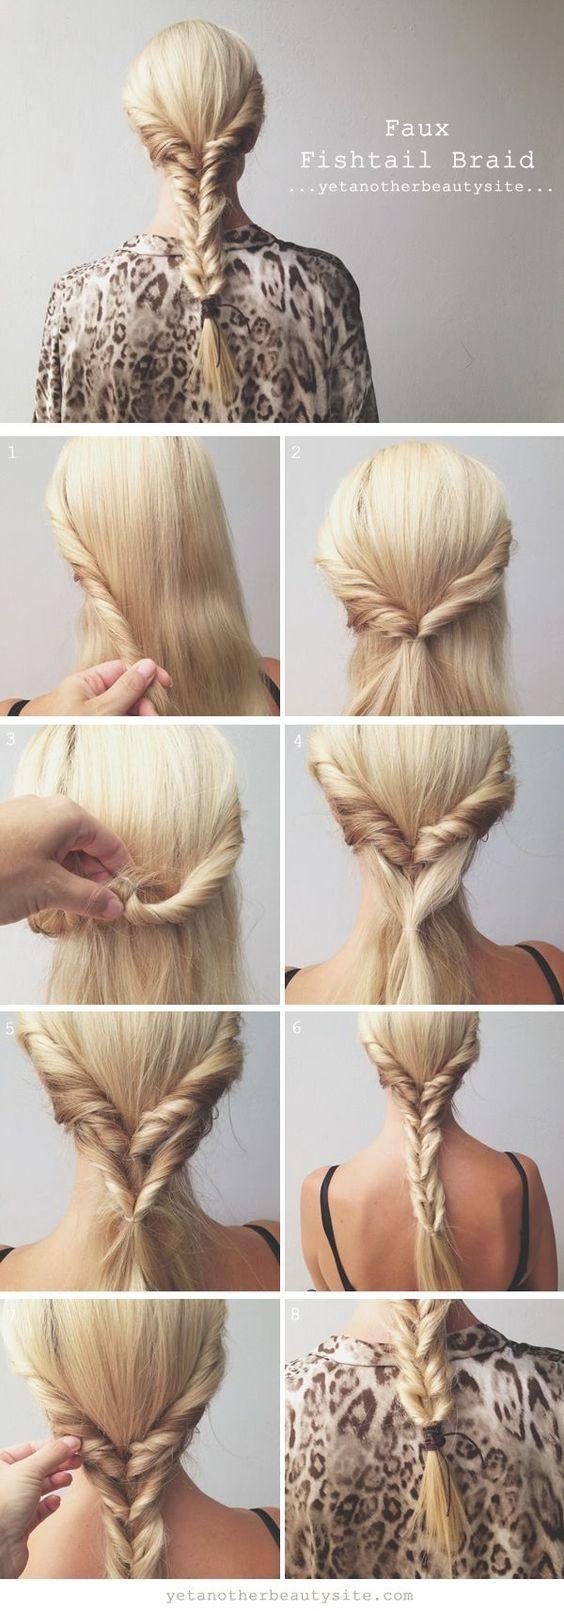 10 Peinados perfectos para cuando necesitas verte más formal                                                                                                                                                                                 Más